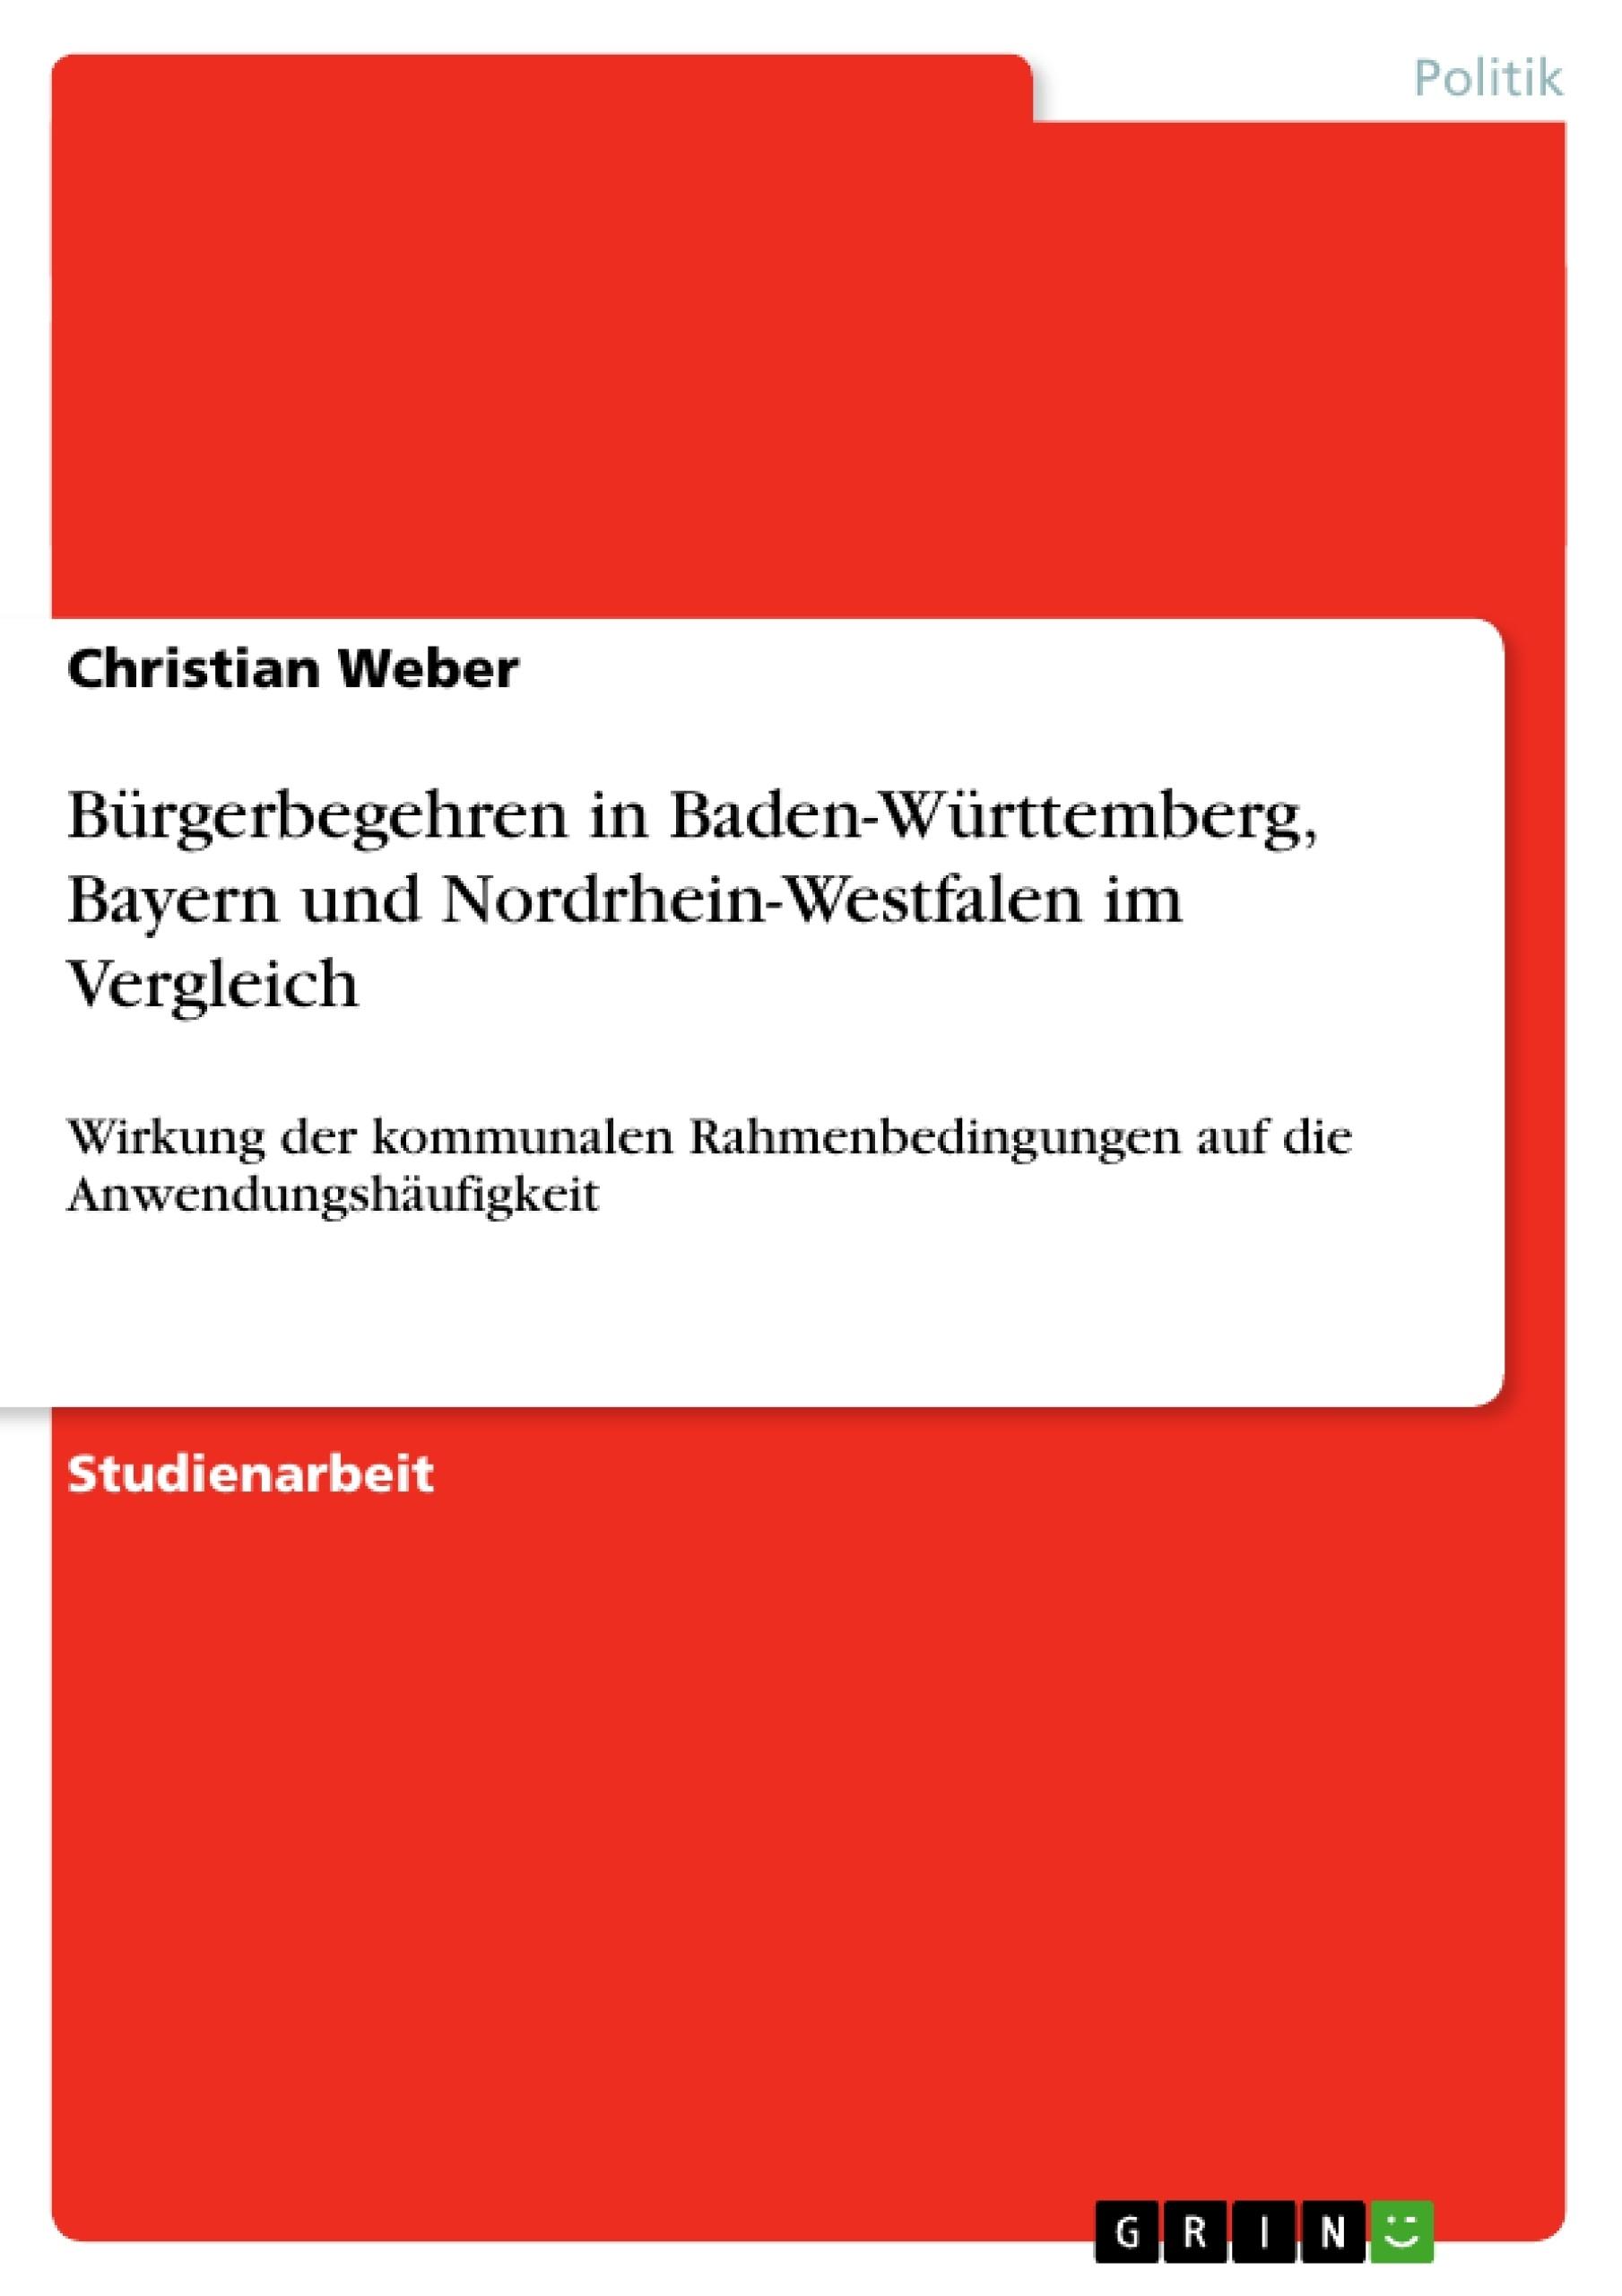 Titel: Bürgerbegehren in Baden-Württemberg, Bayern und Nordrhein-Westfalen im Vergleich